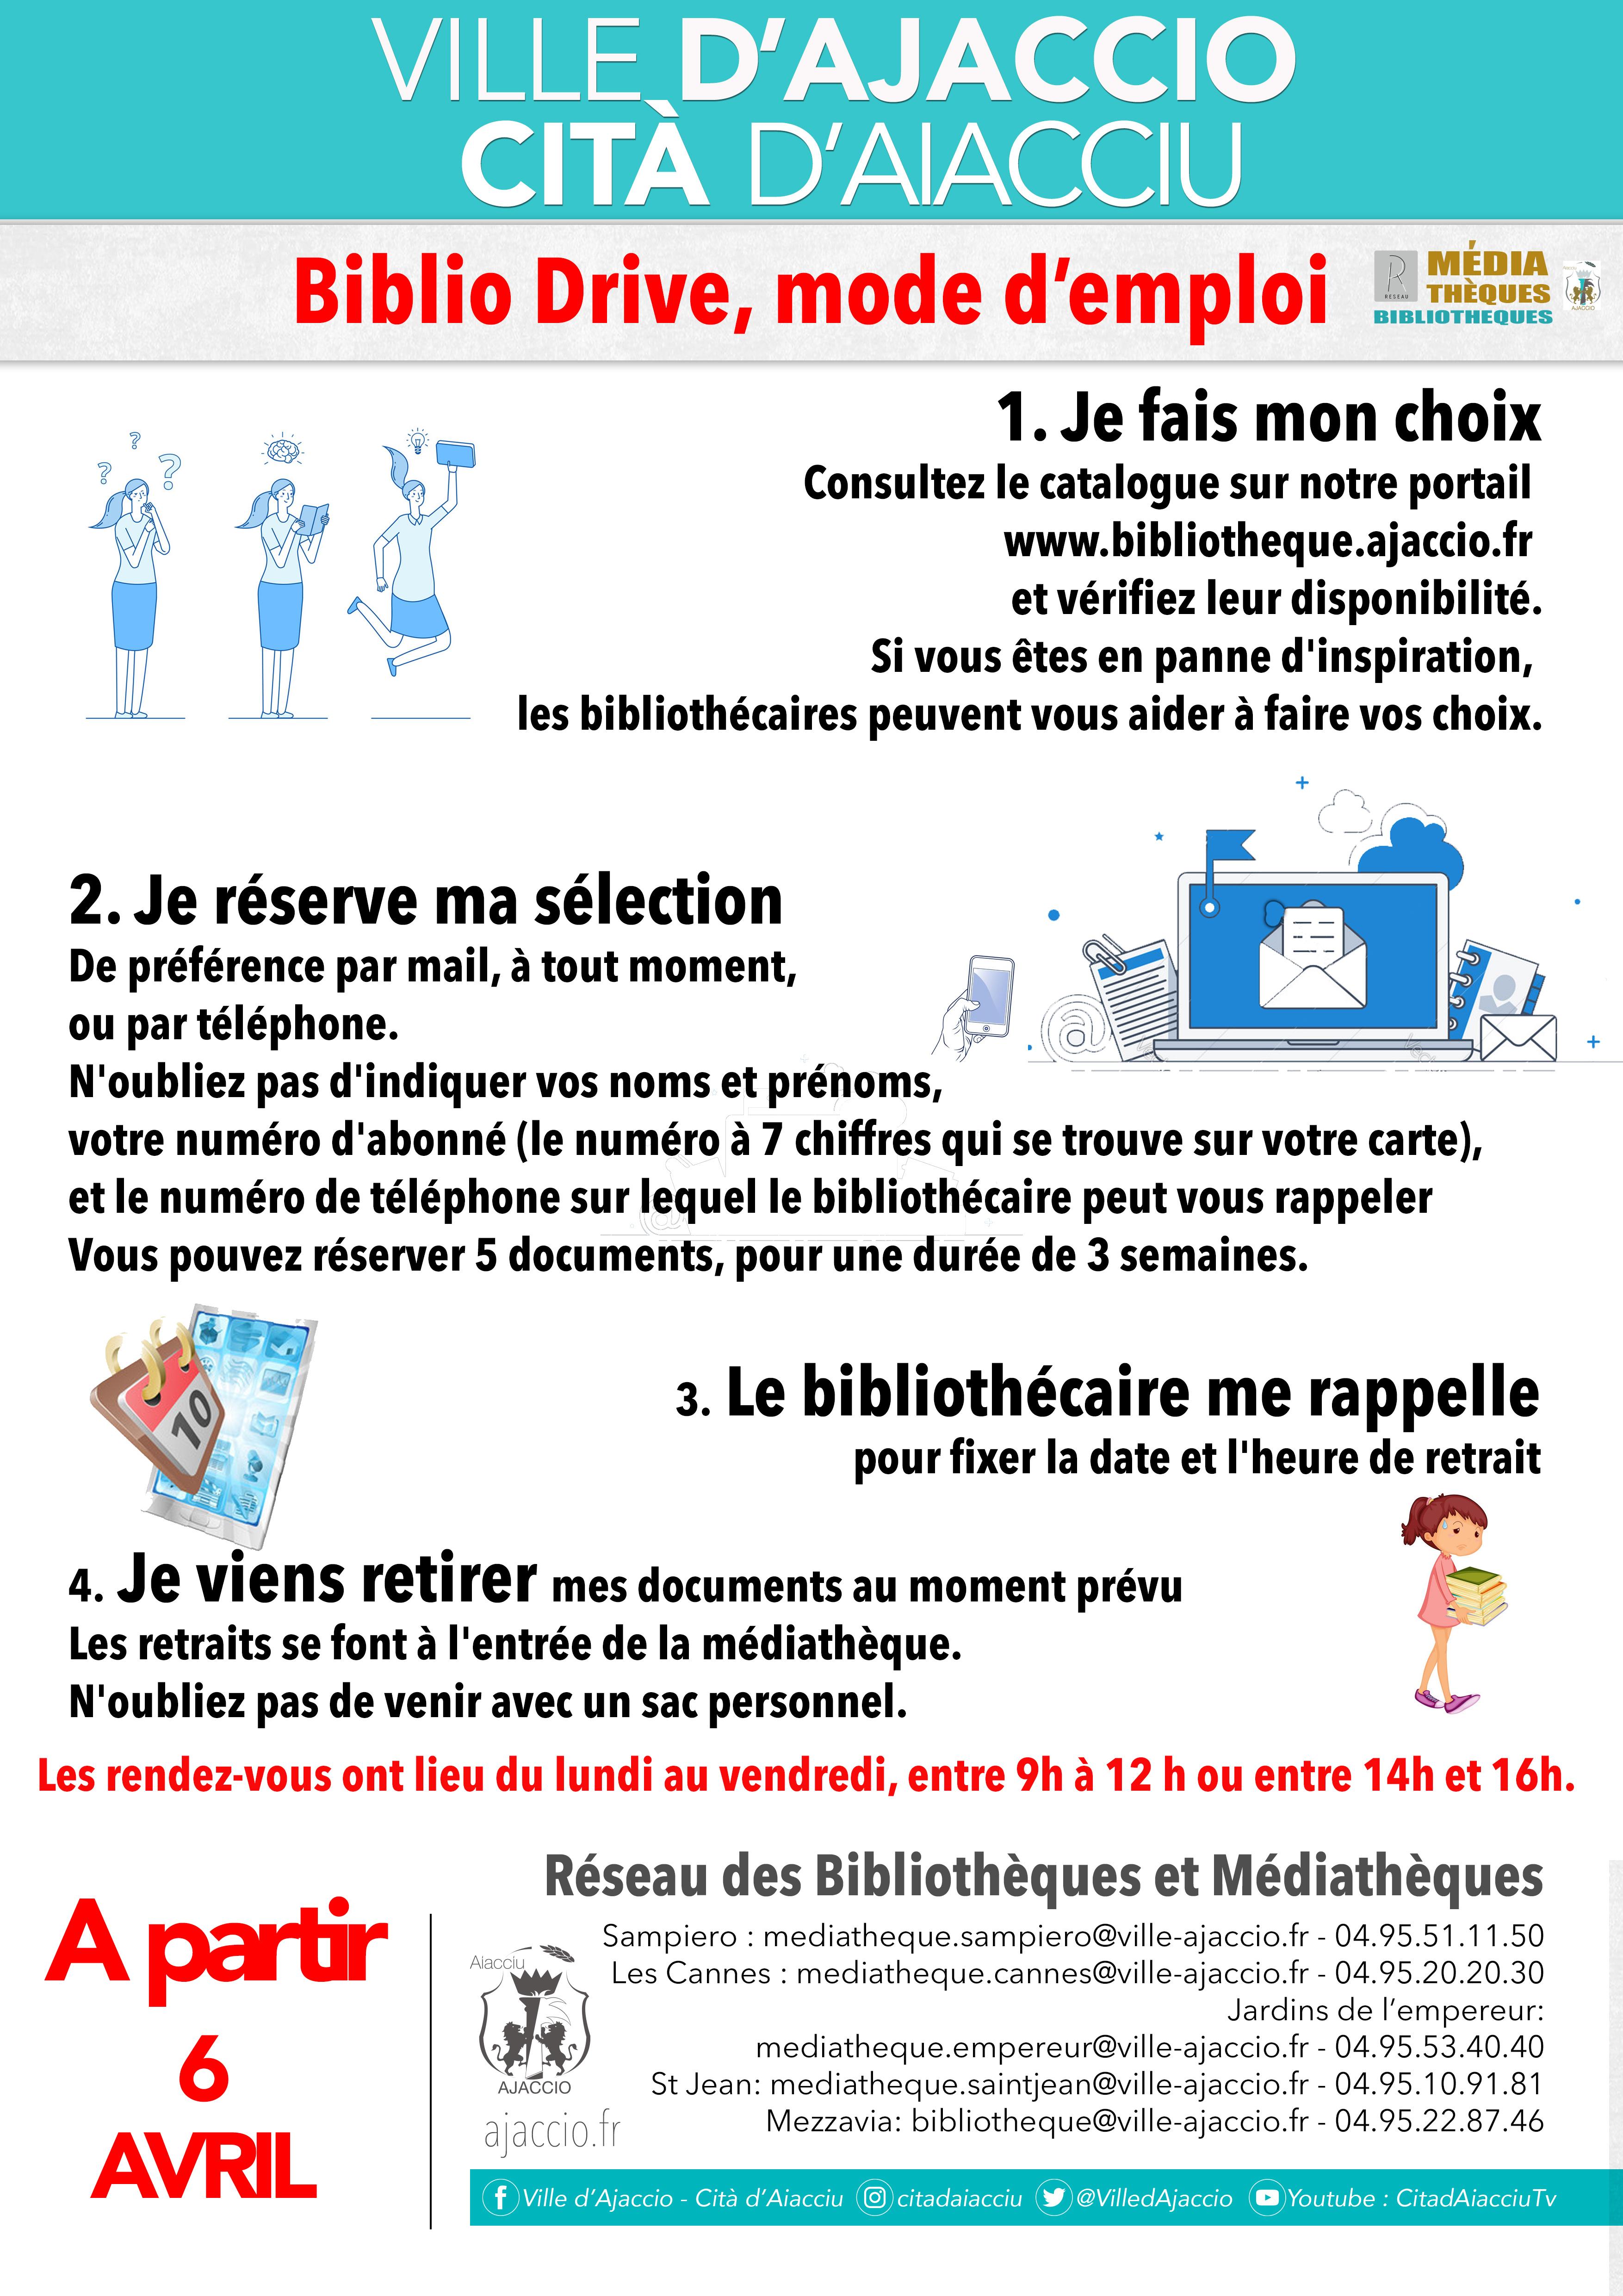 Fermeture des médiathèques : Information Biblio Drive